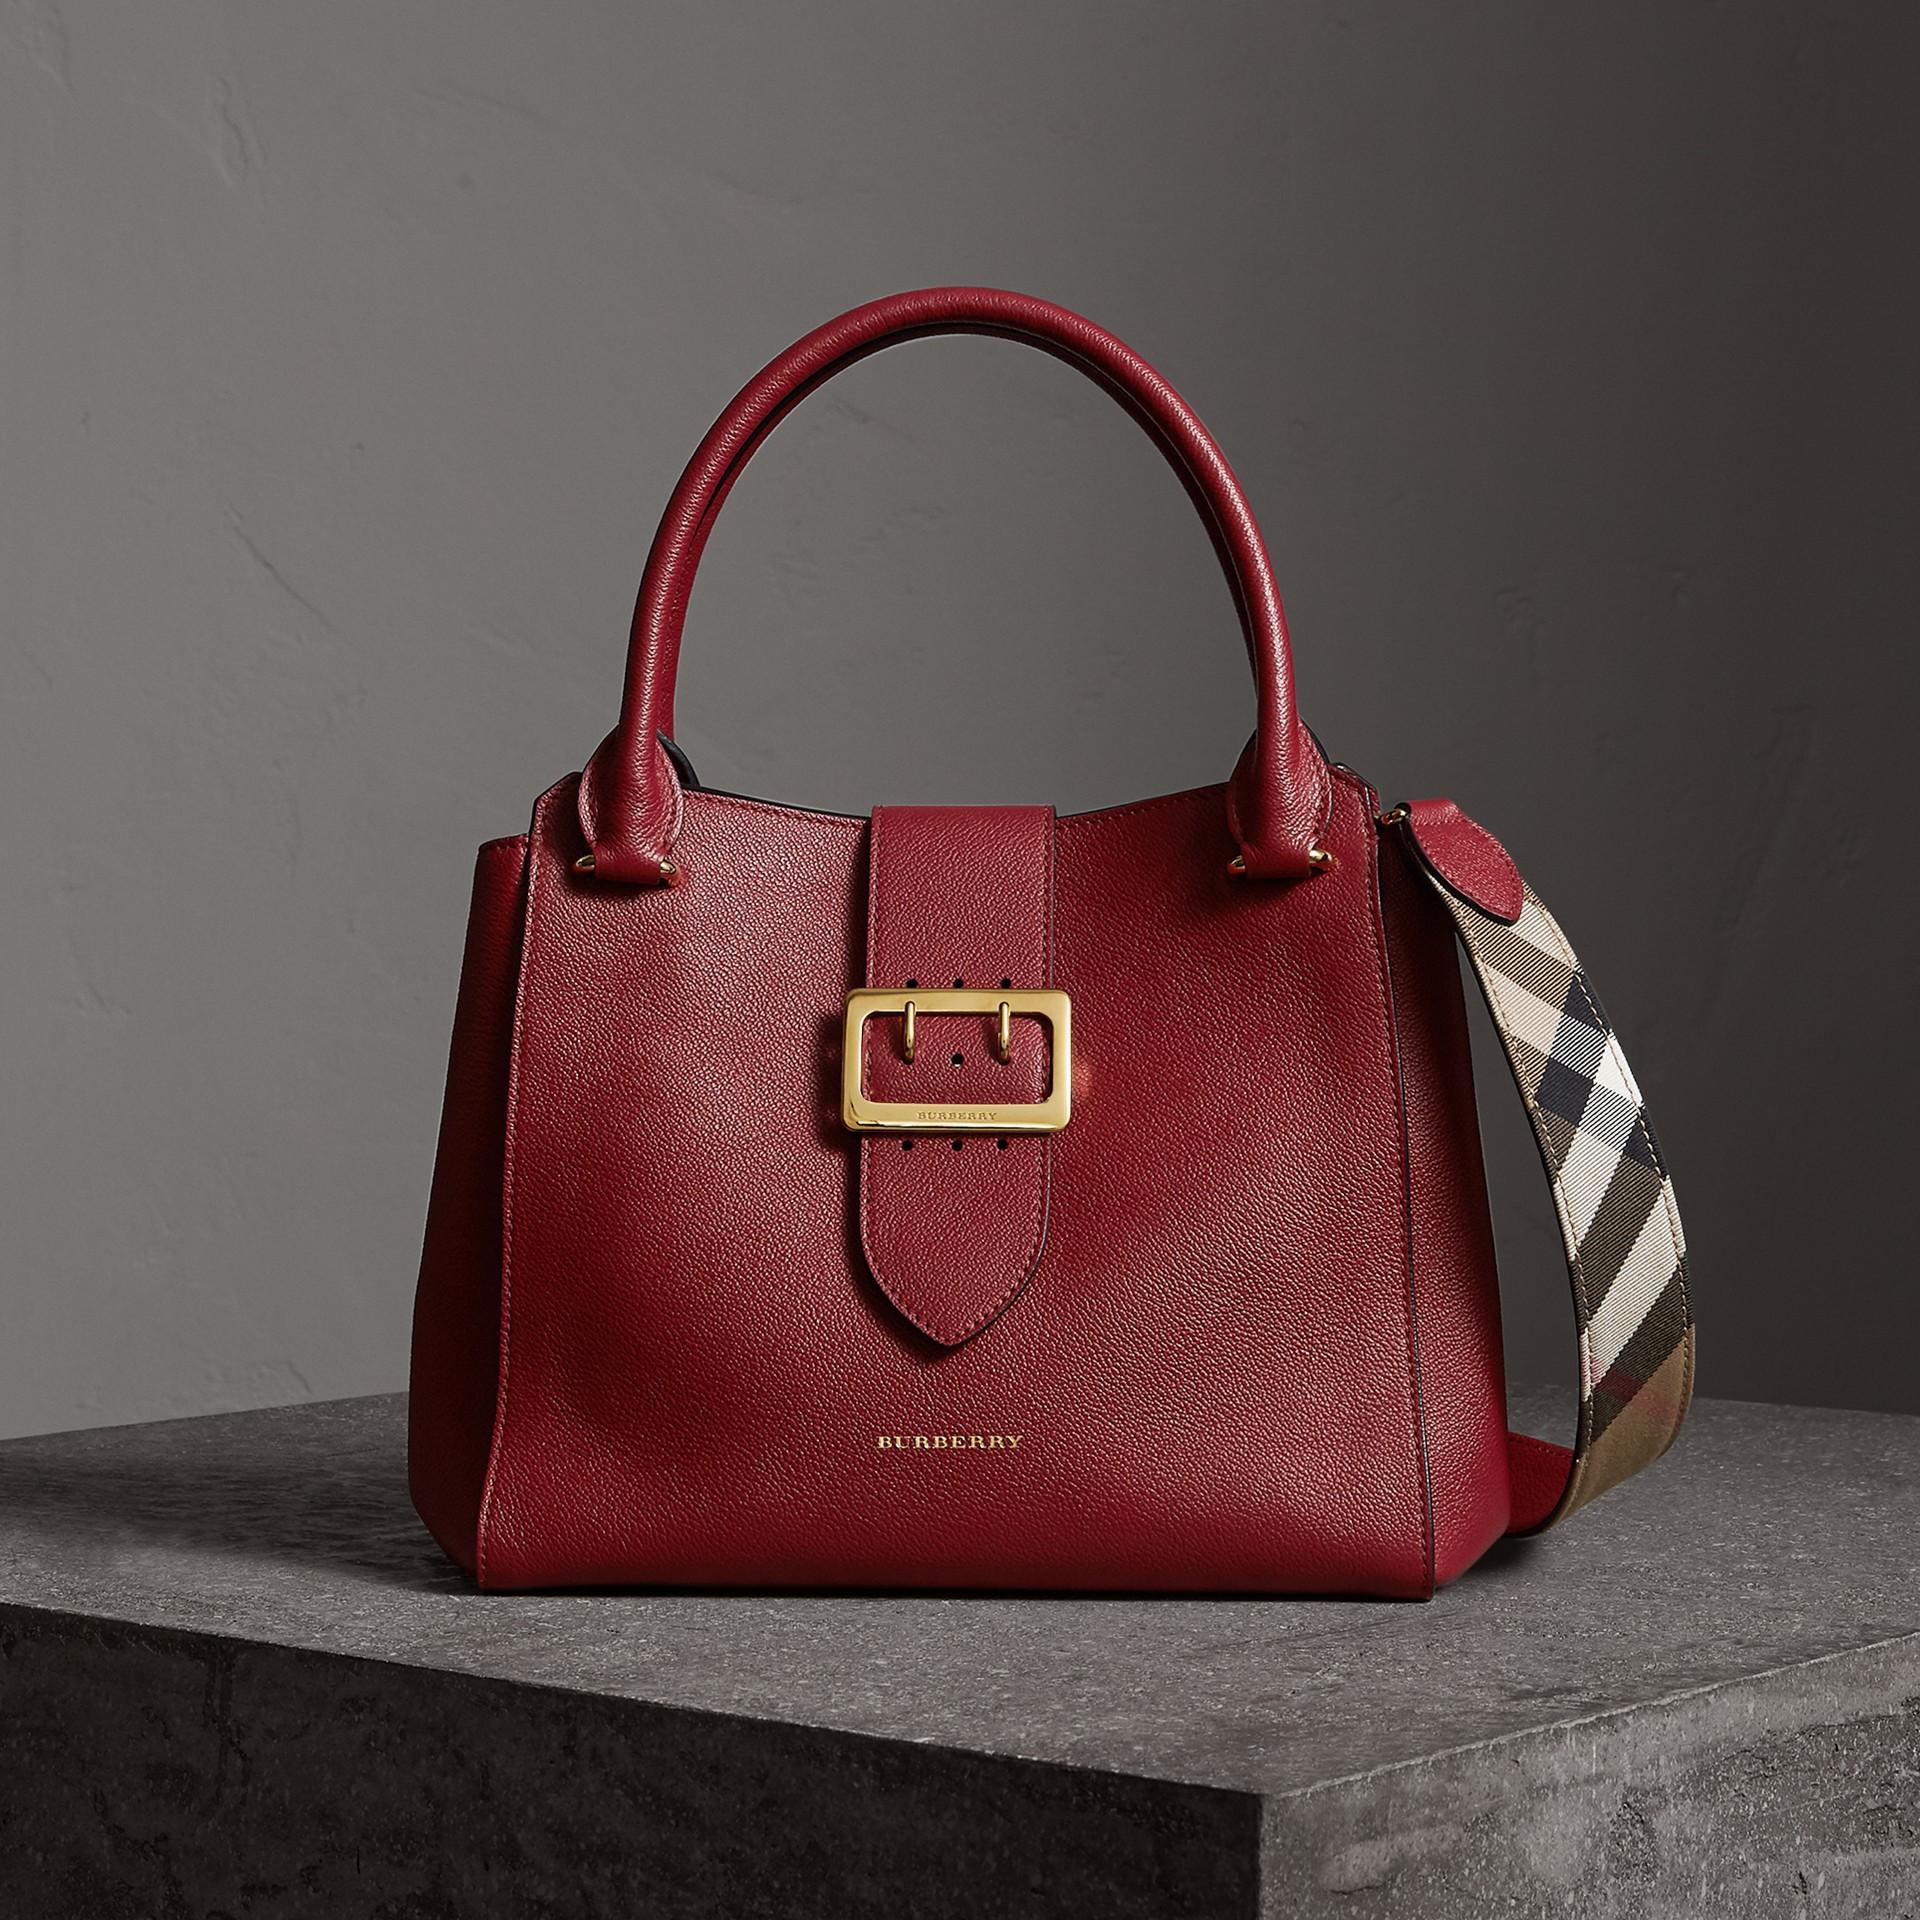 Sac tote The Buckle medium en cuir grainé (Rouge Parade) - Femme | Burberry - photo de la galerie 0